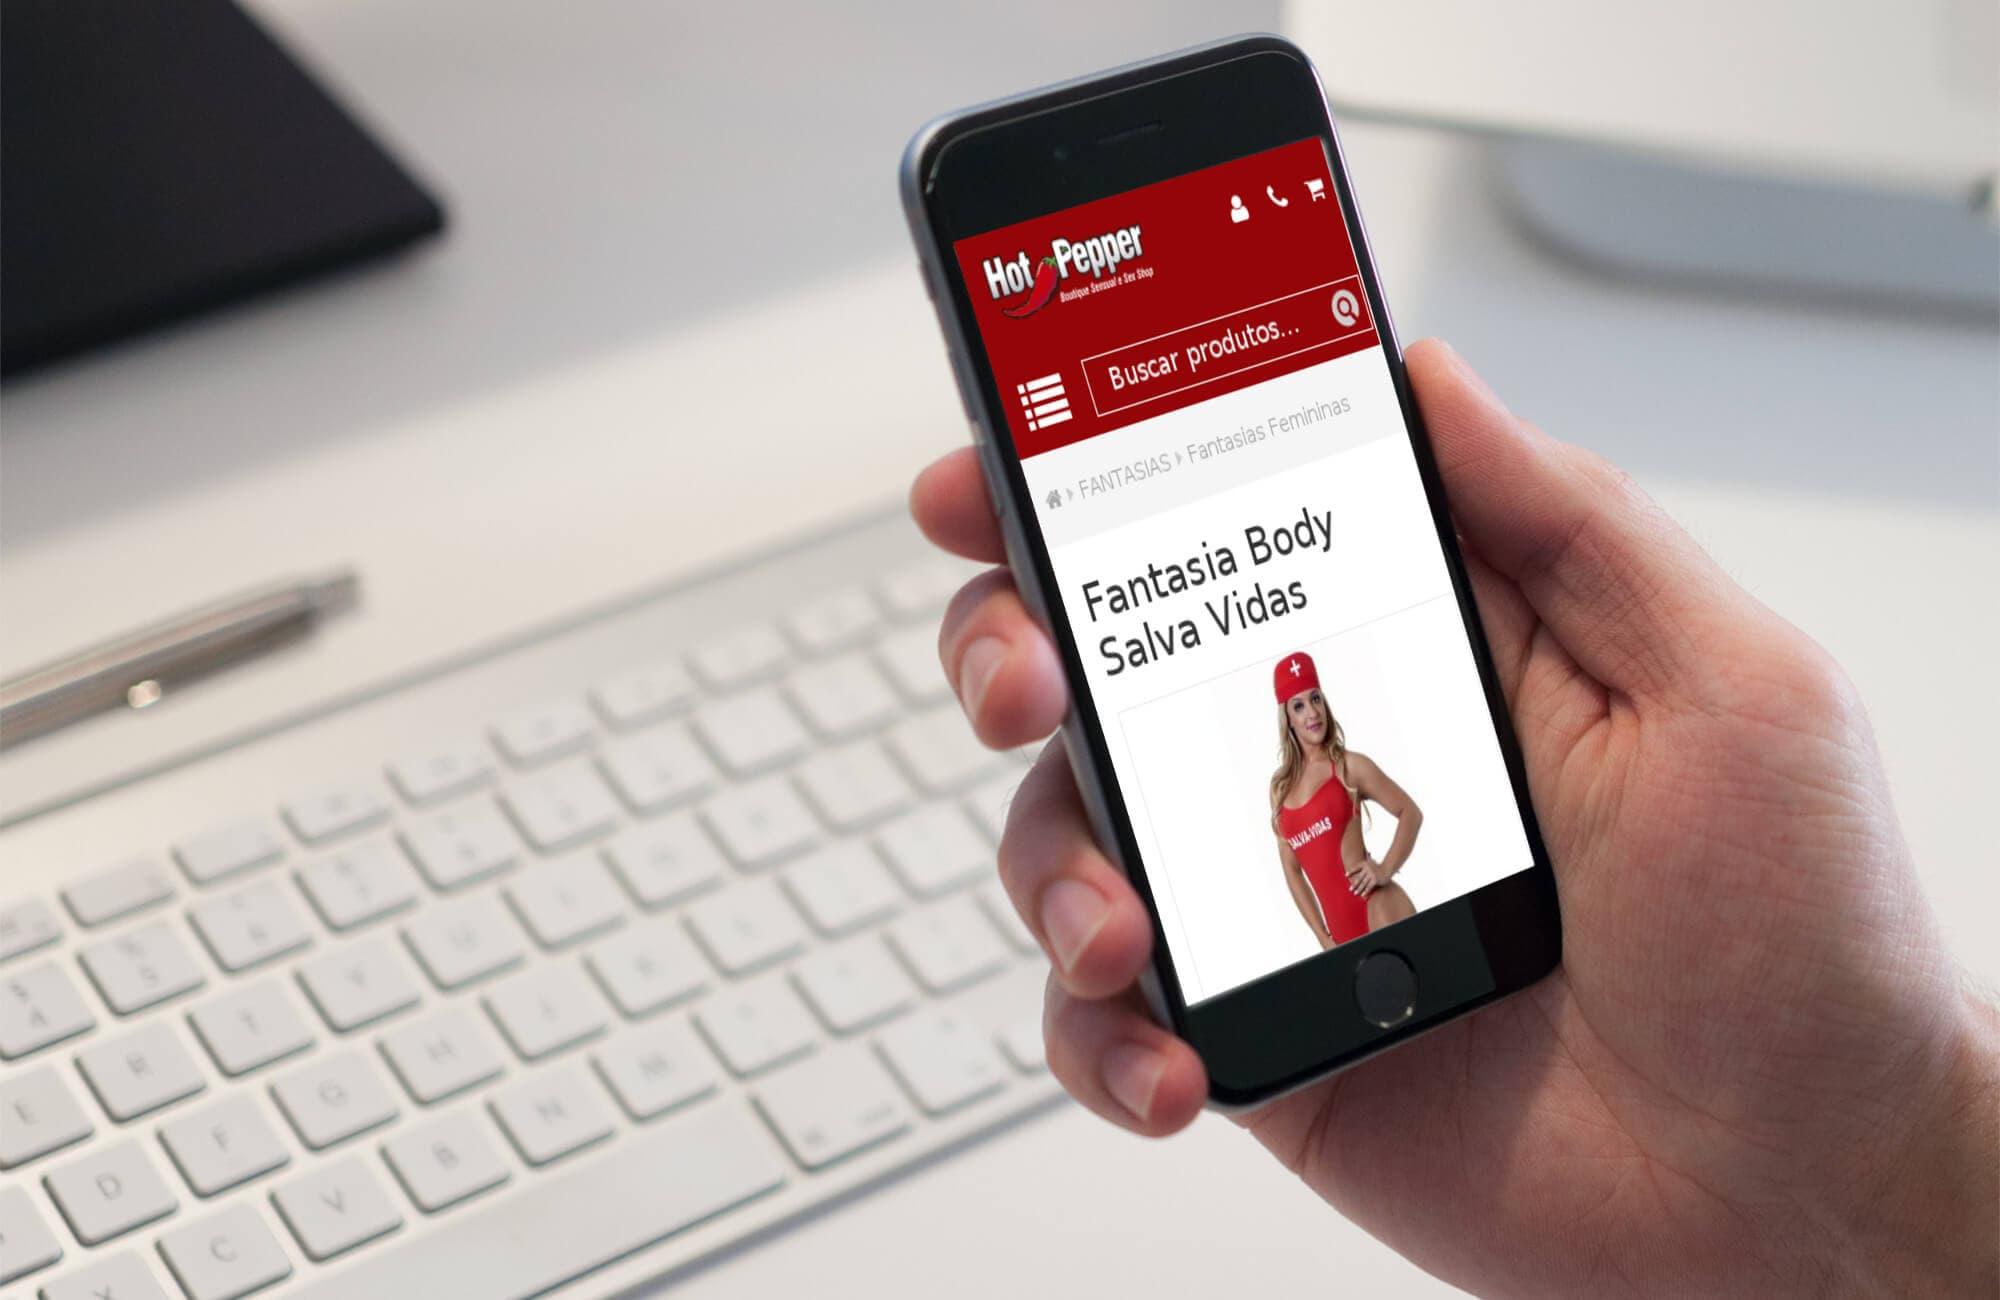 sex shop on line hot pepper2 - Sex shop online: 10 Cuidados para fazer uma compra certa